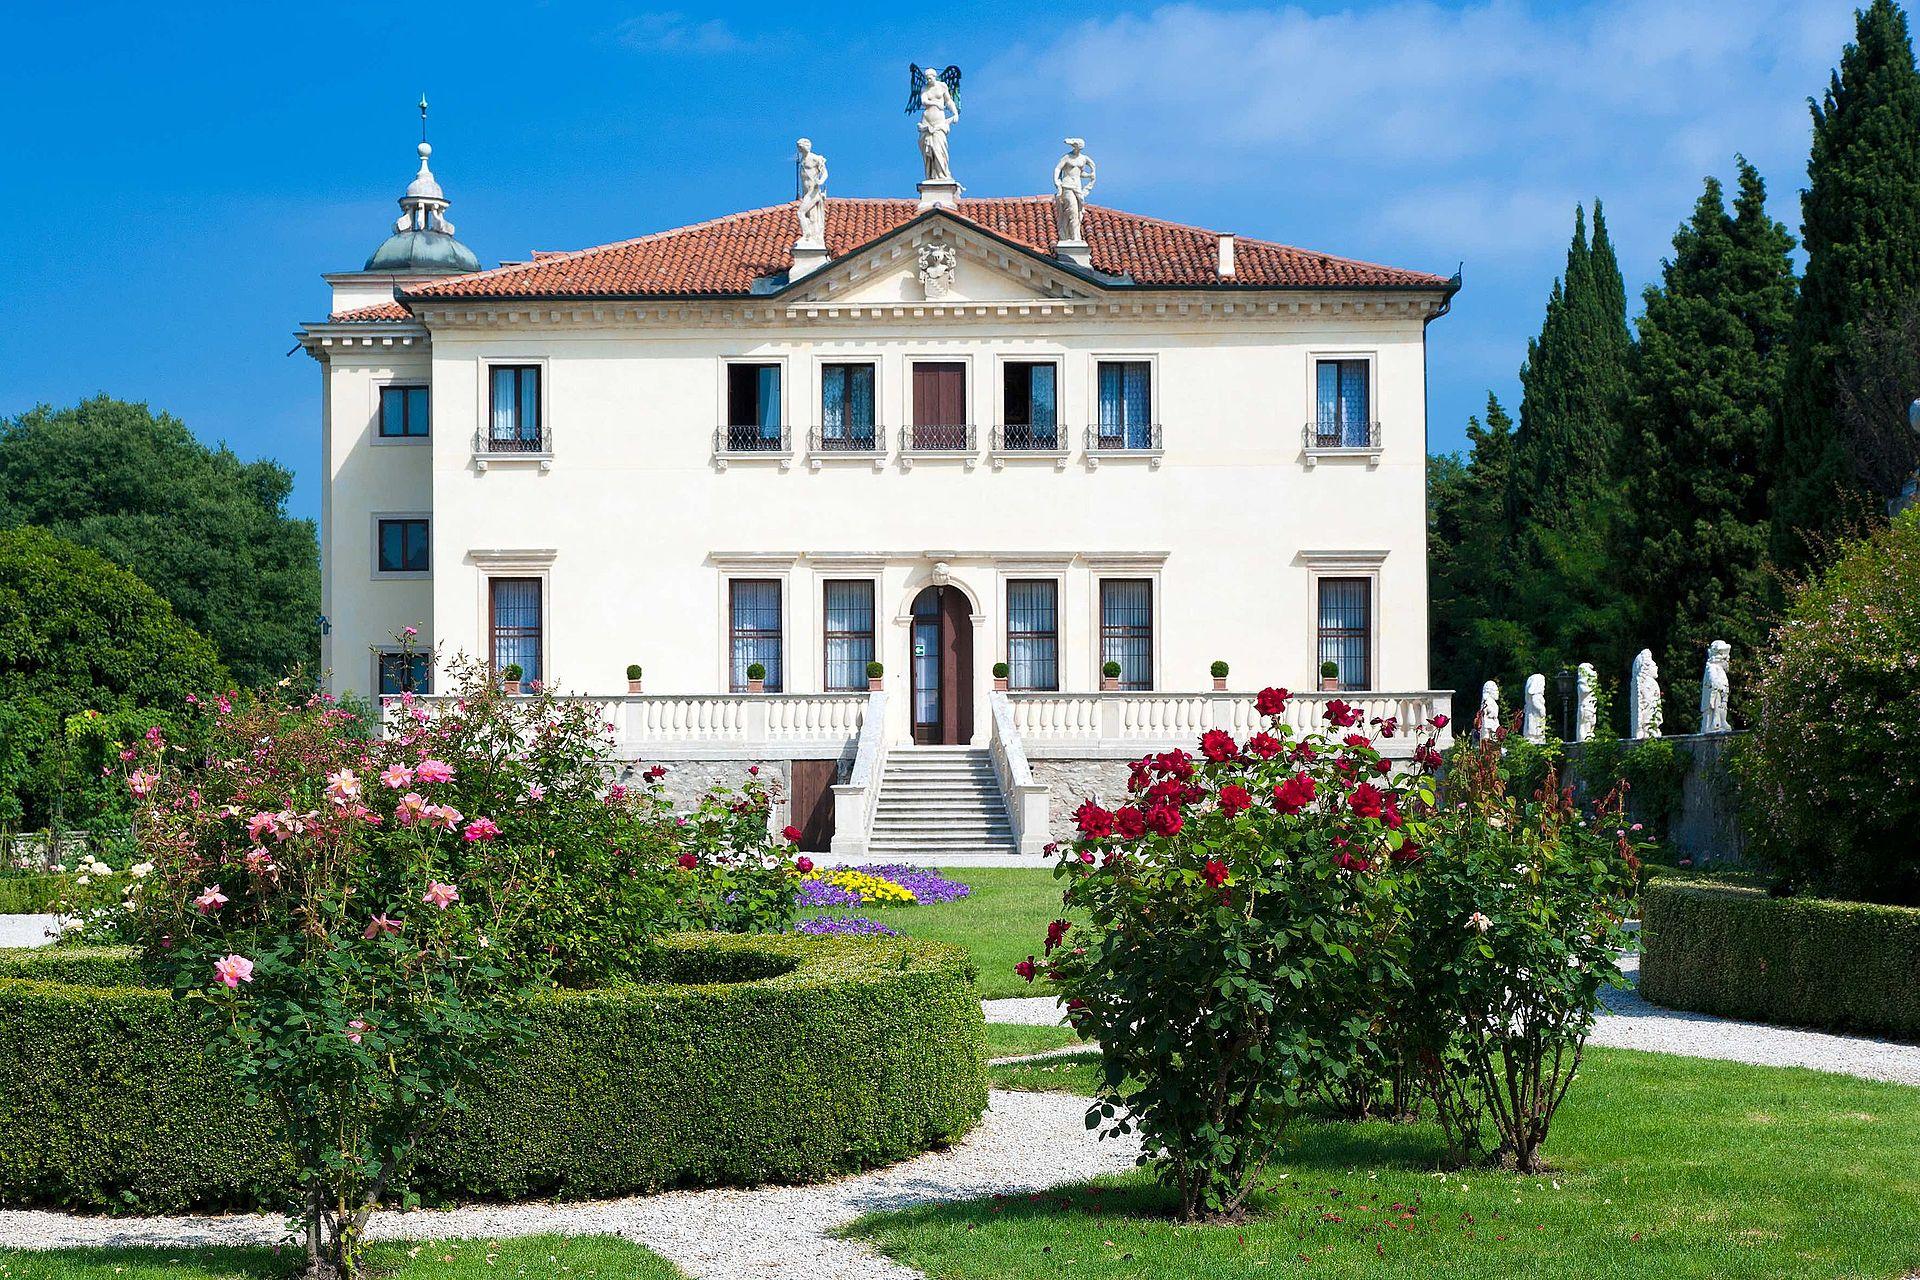 Villa Valmarana Ai Nani Tiepolo Palazzina